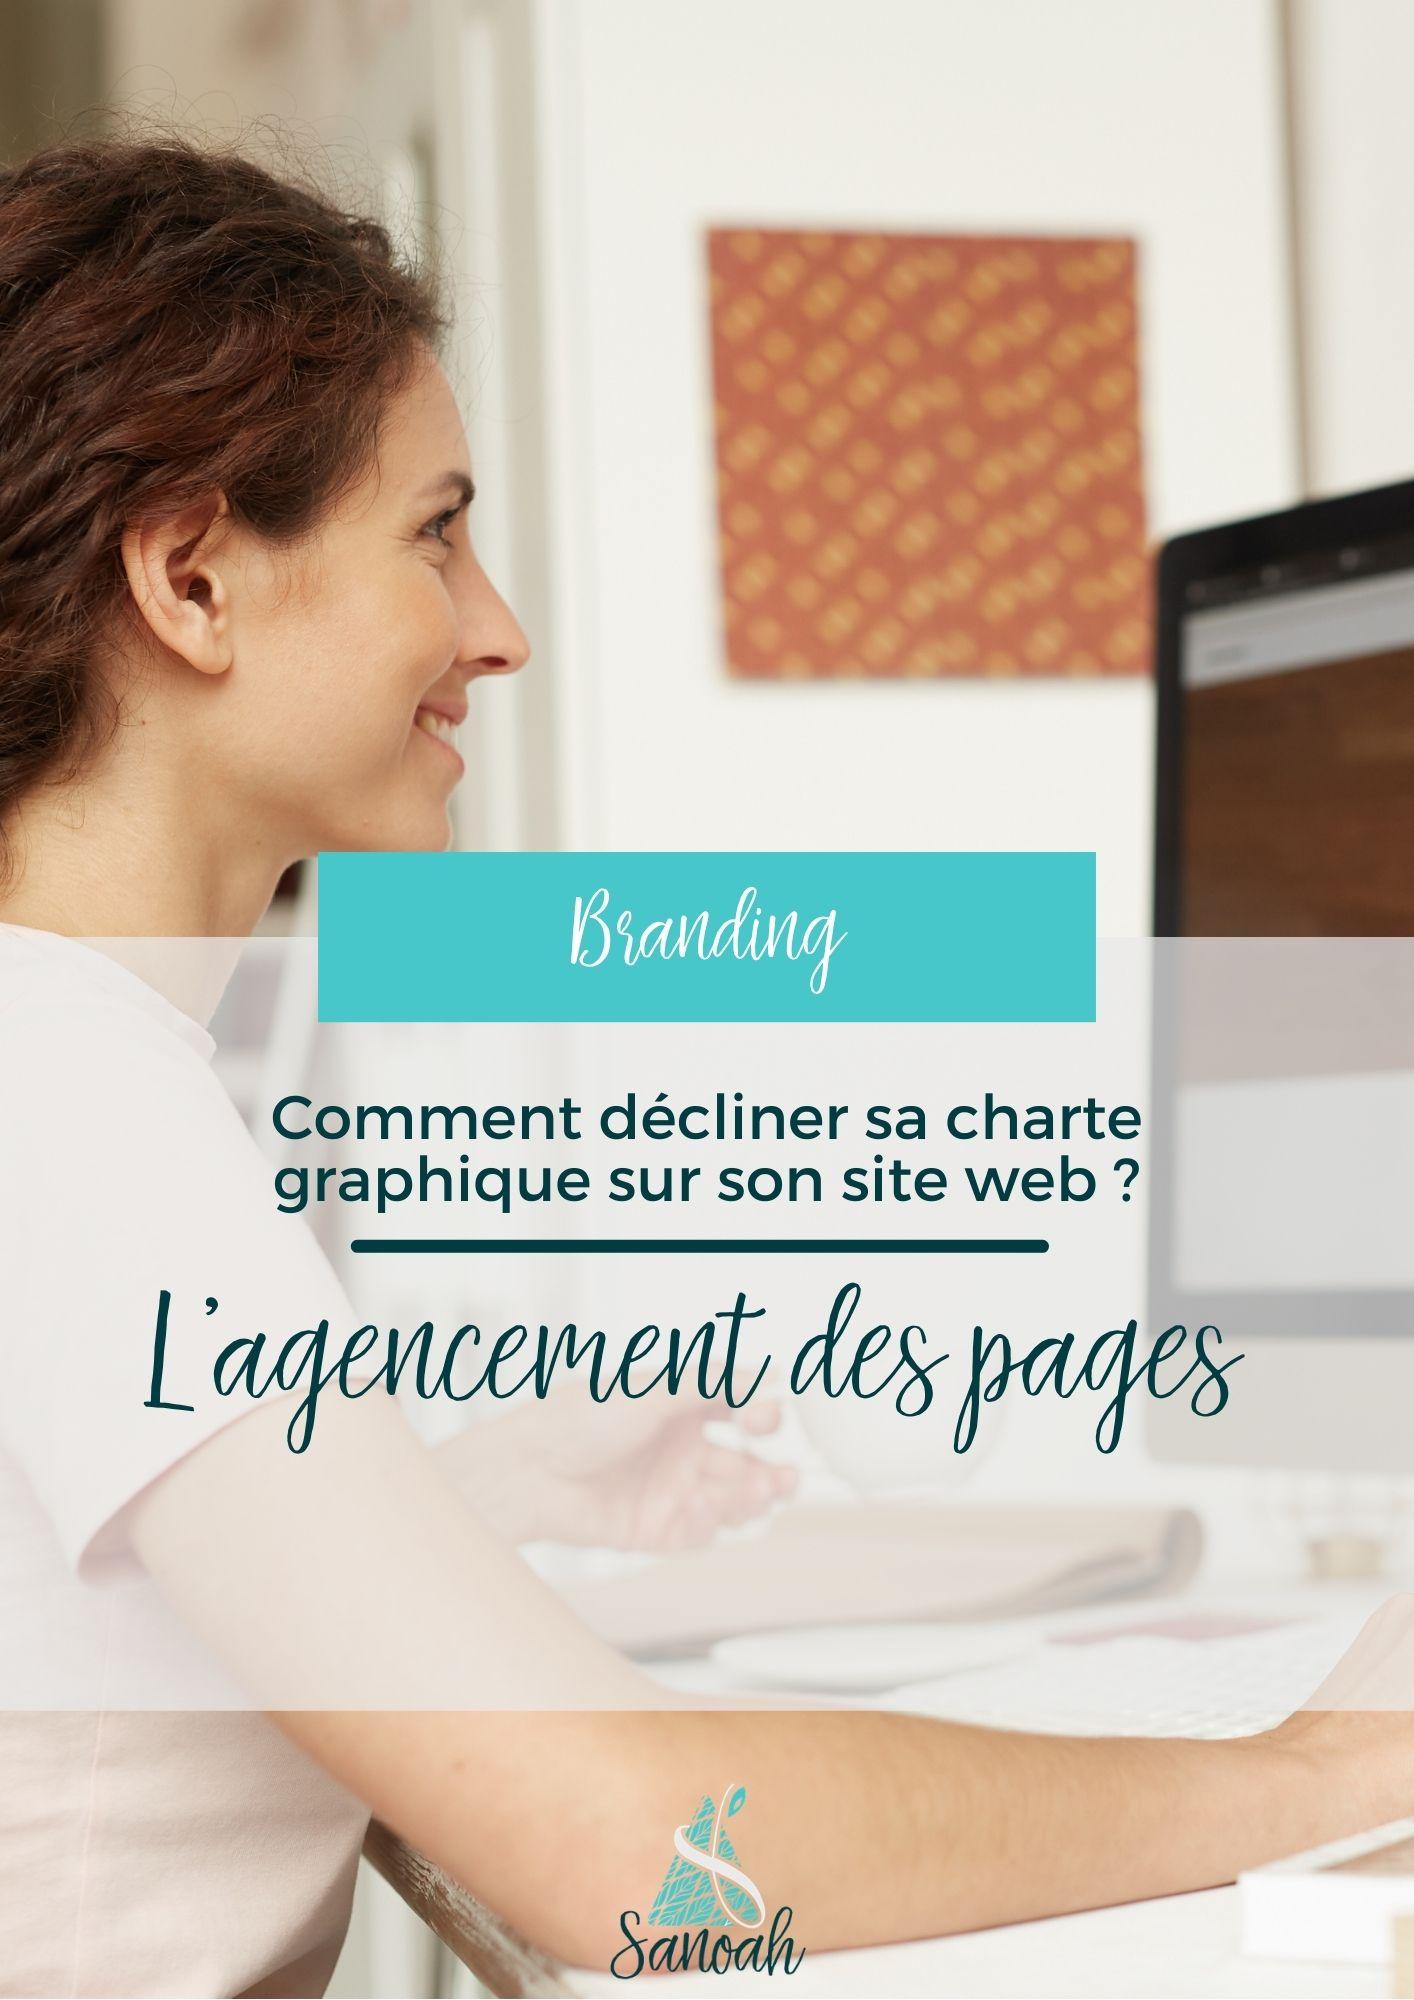 Comment décliner sa charte graphique sur son site web L'agencement des pages